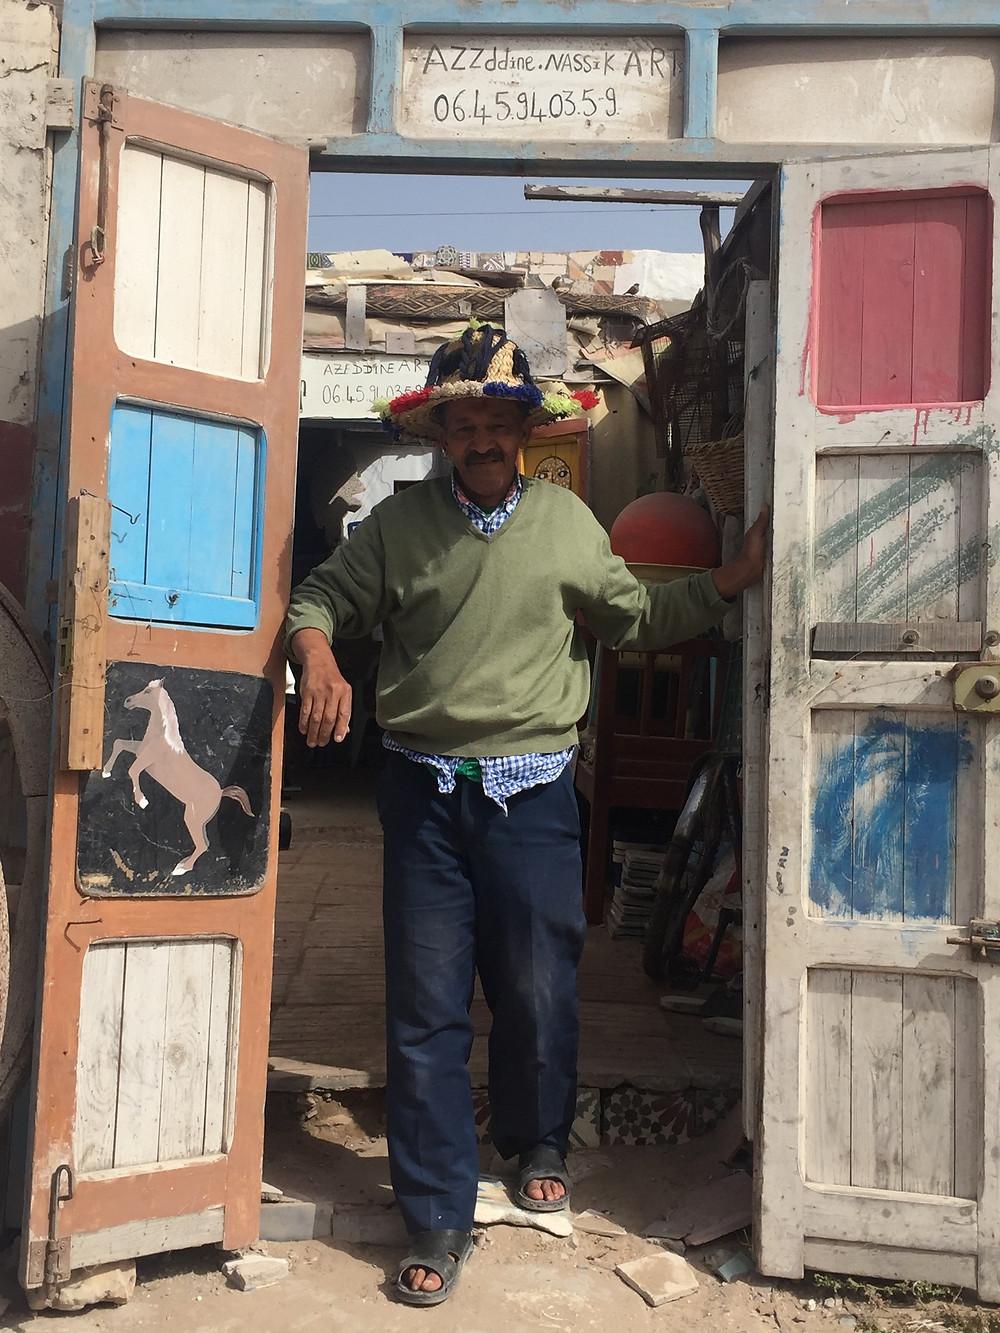 Azzddin Nassik / la jutia Essaouira / riad le consulat